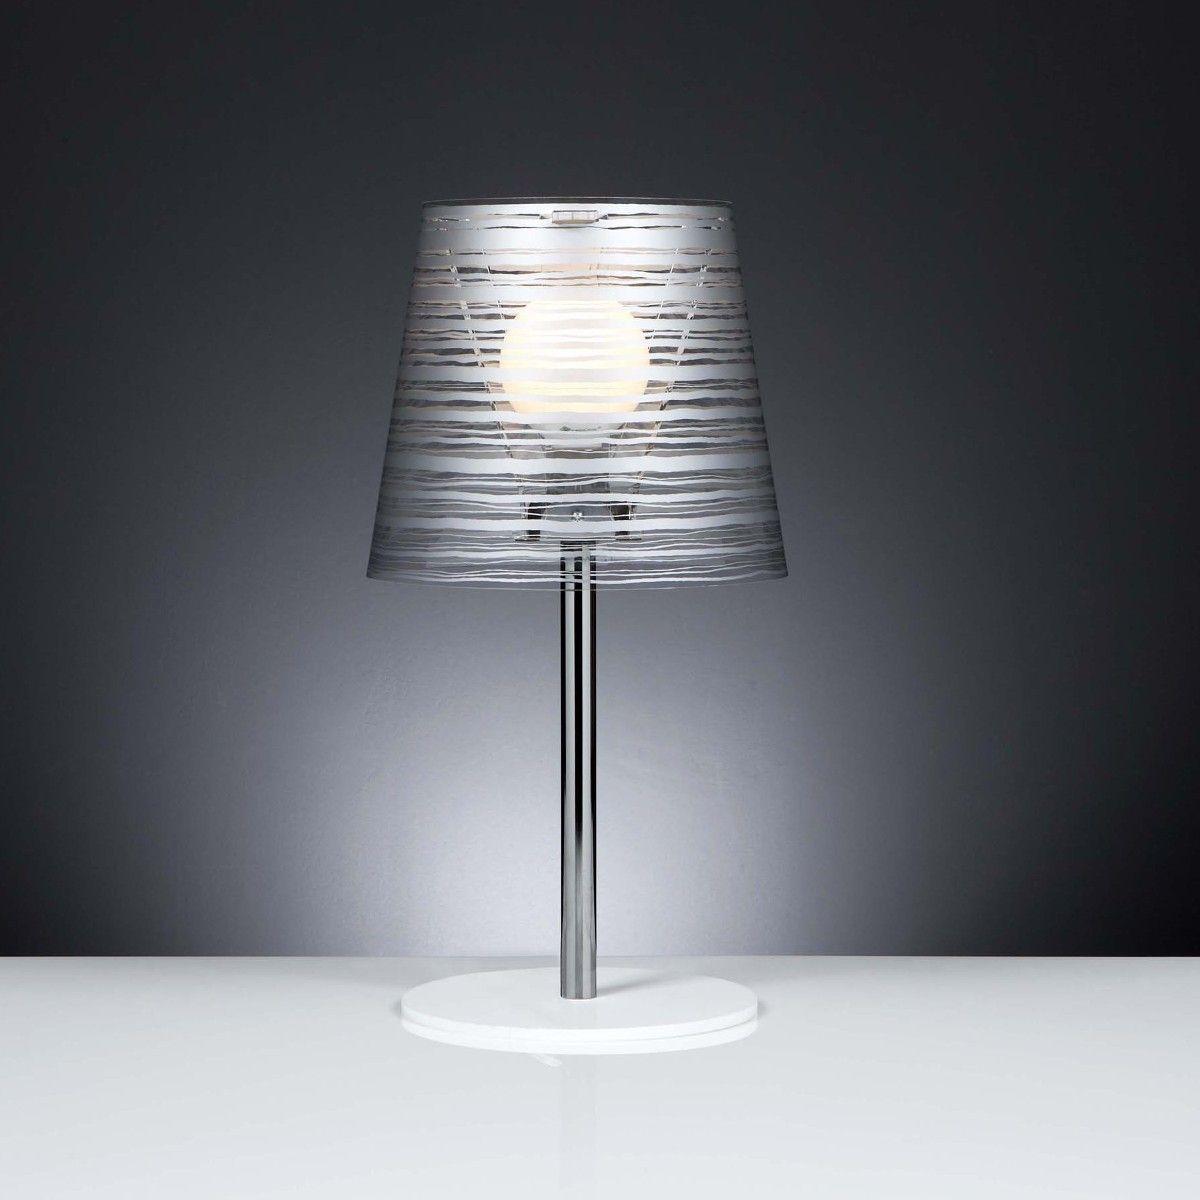 Lampada Da Comodino Argento.Lampada Da Tavolo Pixi Design Bianco Nero Oro Argento Un Lampada